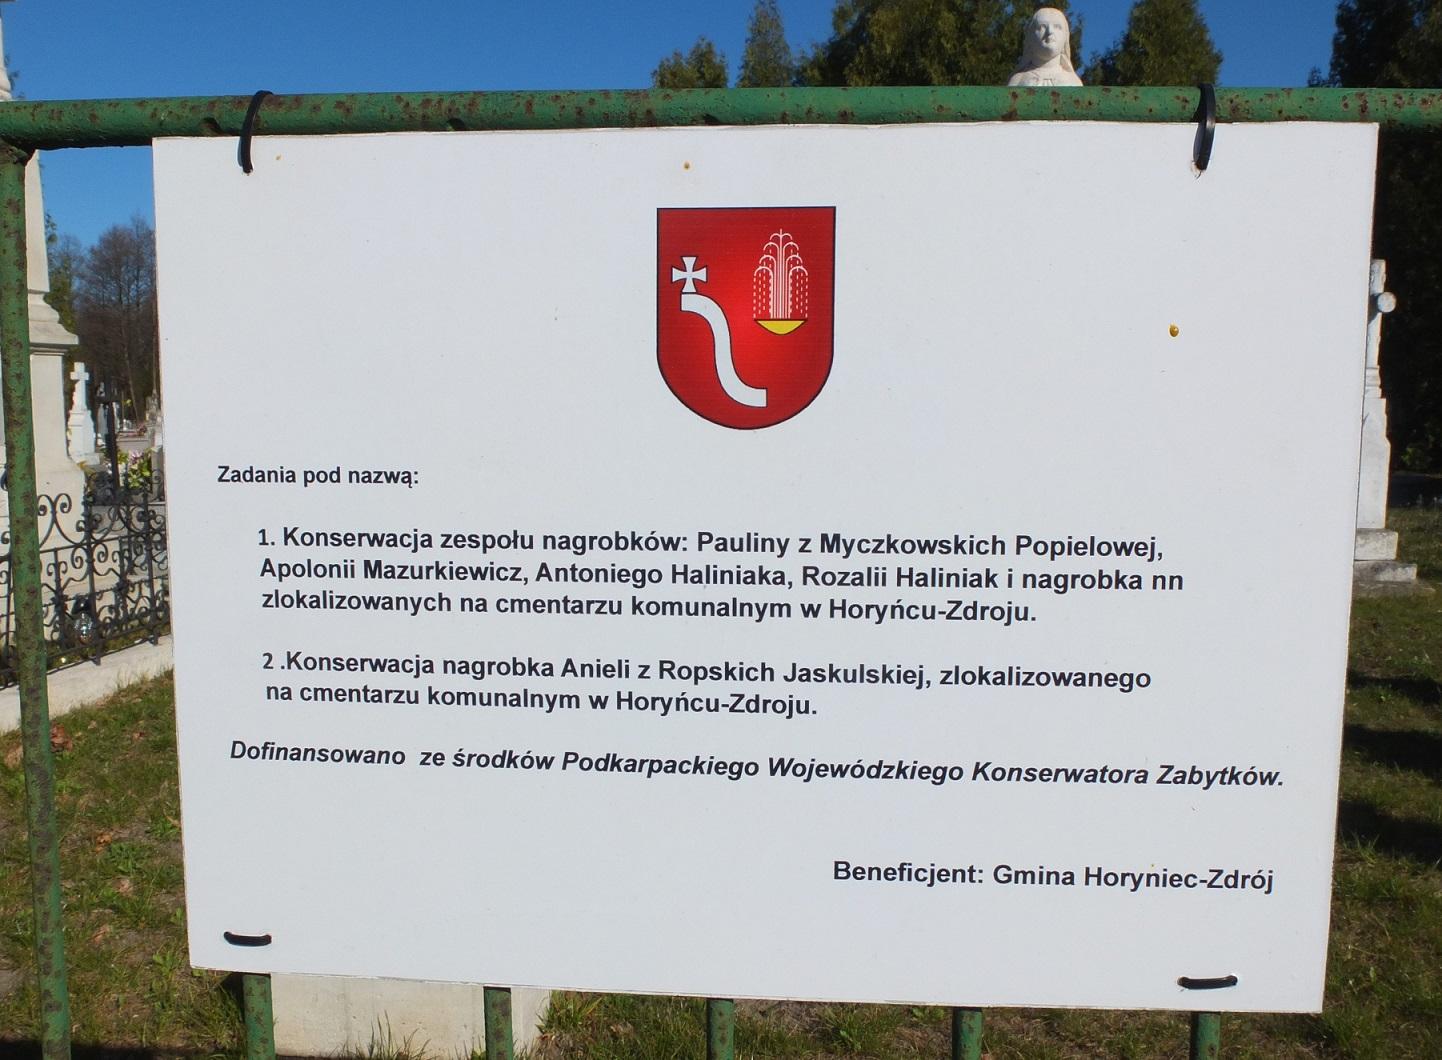 Tablica informacyjna przy nagrobku Anieli z Ropskich Jaskulskiej na cmentarzu komunalnym w Horyńcu-Zdroju, marzec 2020 r.